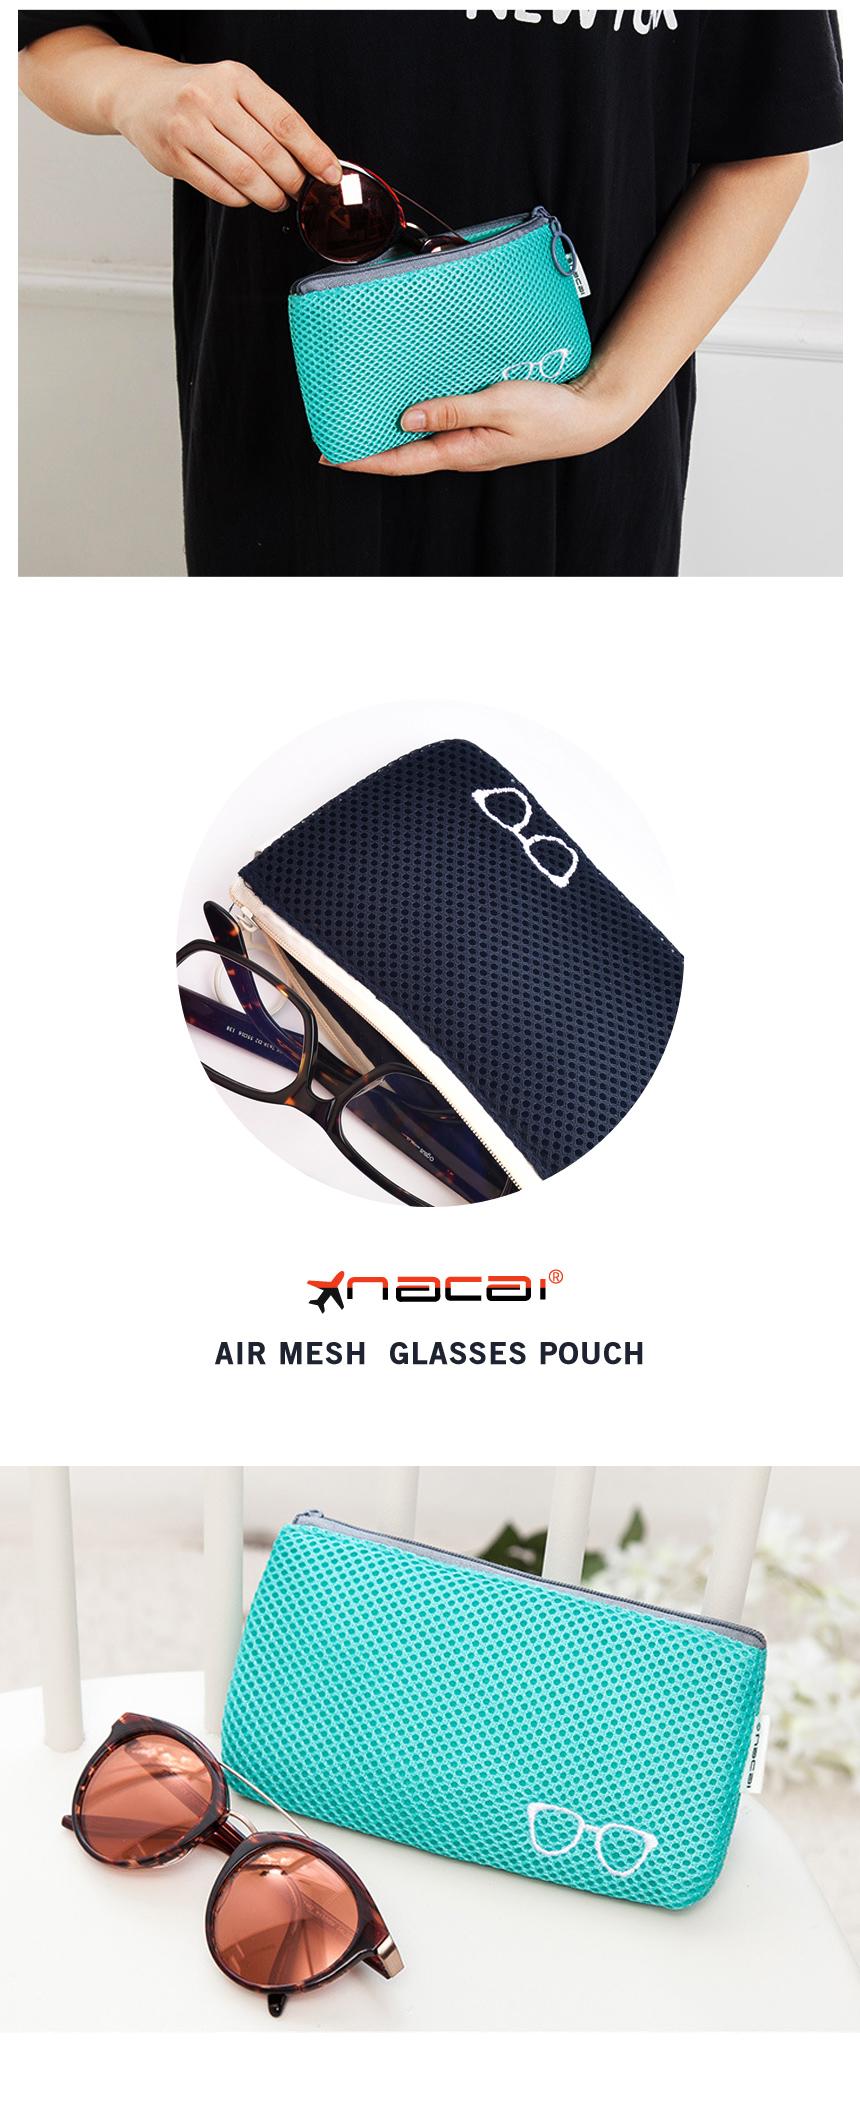 nacai 안경파우치 선글라스케이스 - 바오마루, 5,000원, 트래블팩단품, 멀티파우치